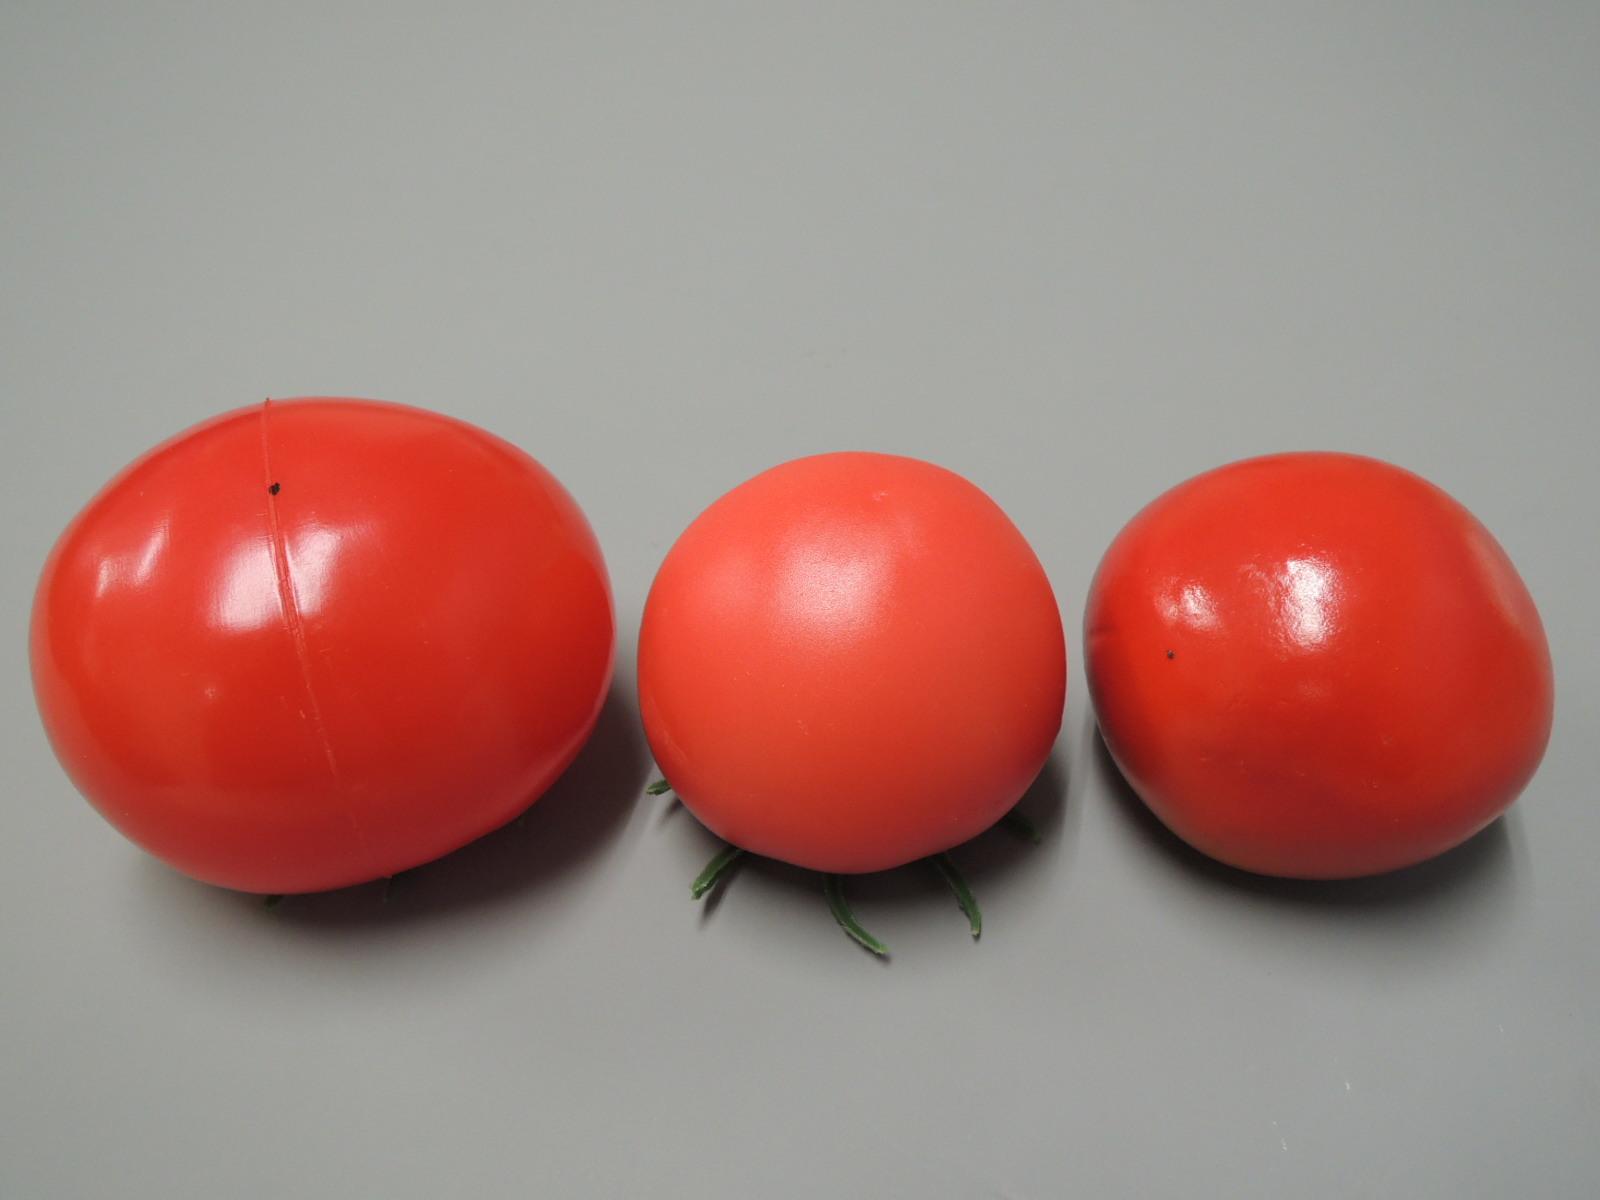 トマト & tomato & とまと_e0142313_00162940.jpg